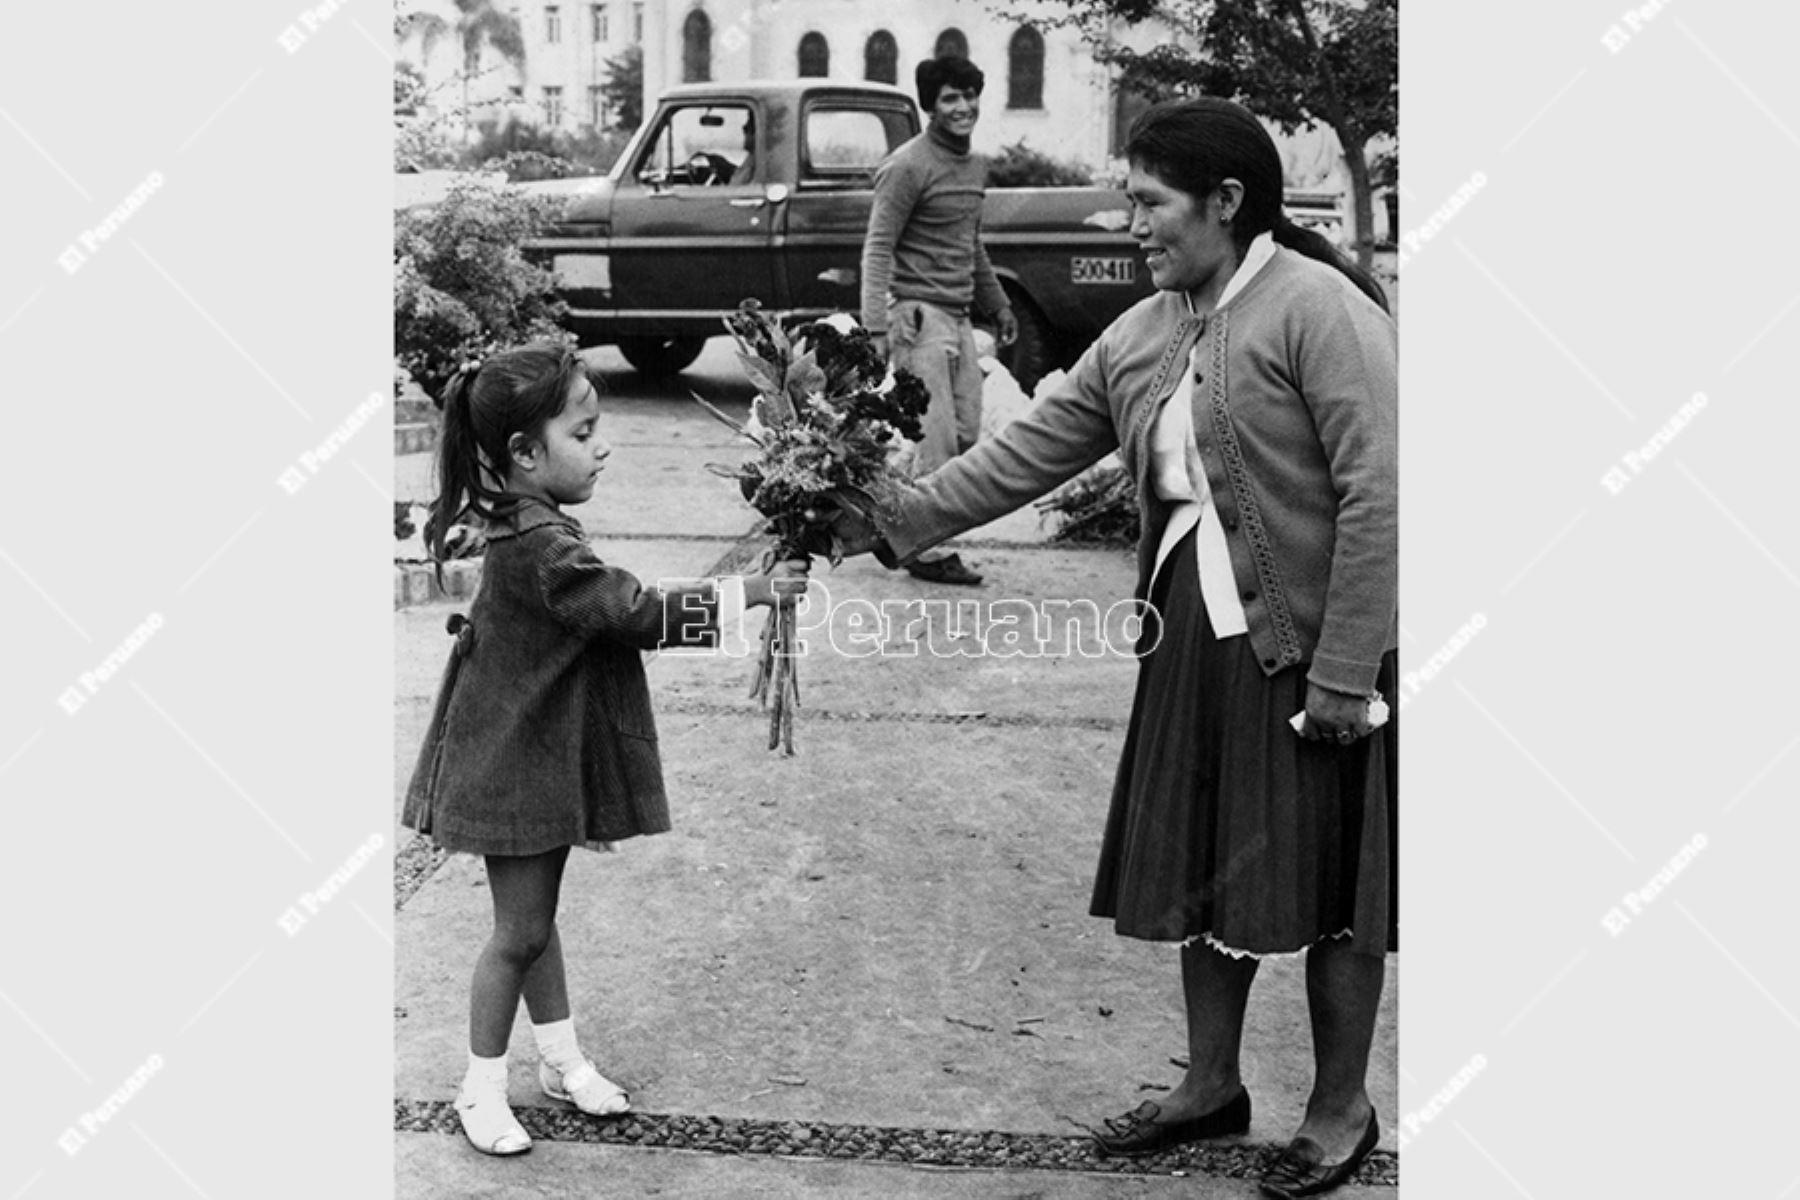 Lima - 10 mayo 1970 / Una niña entrega un ramo de flores en el Día de la Madre. Foto: Archivo Histórico de El Peruano